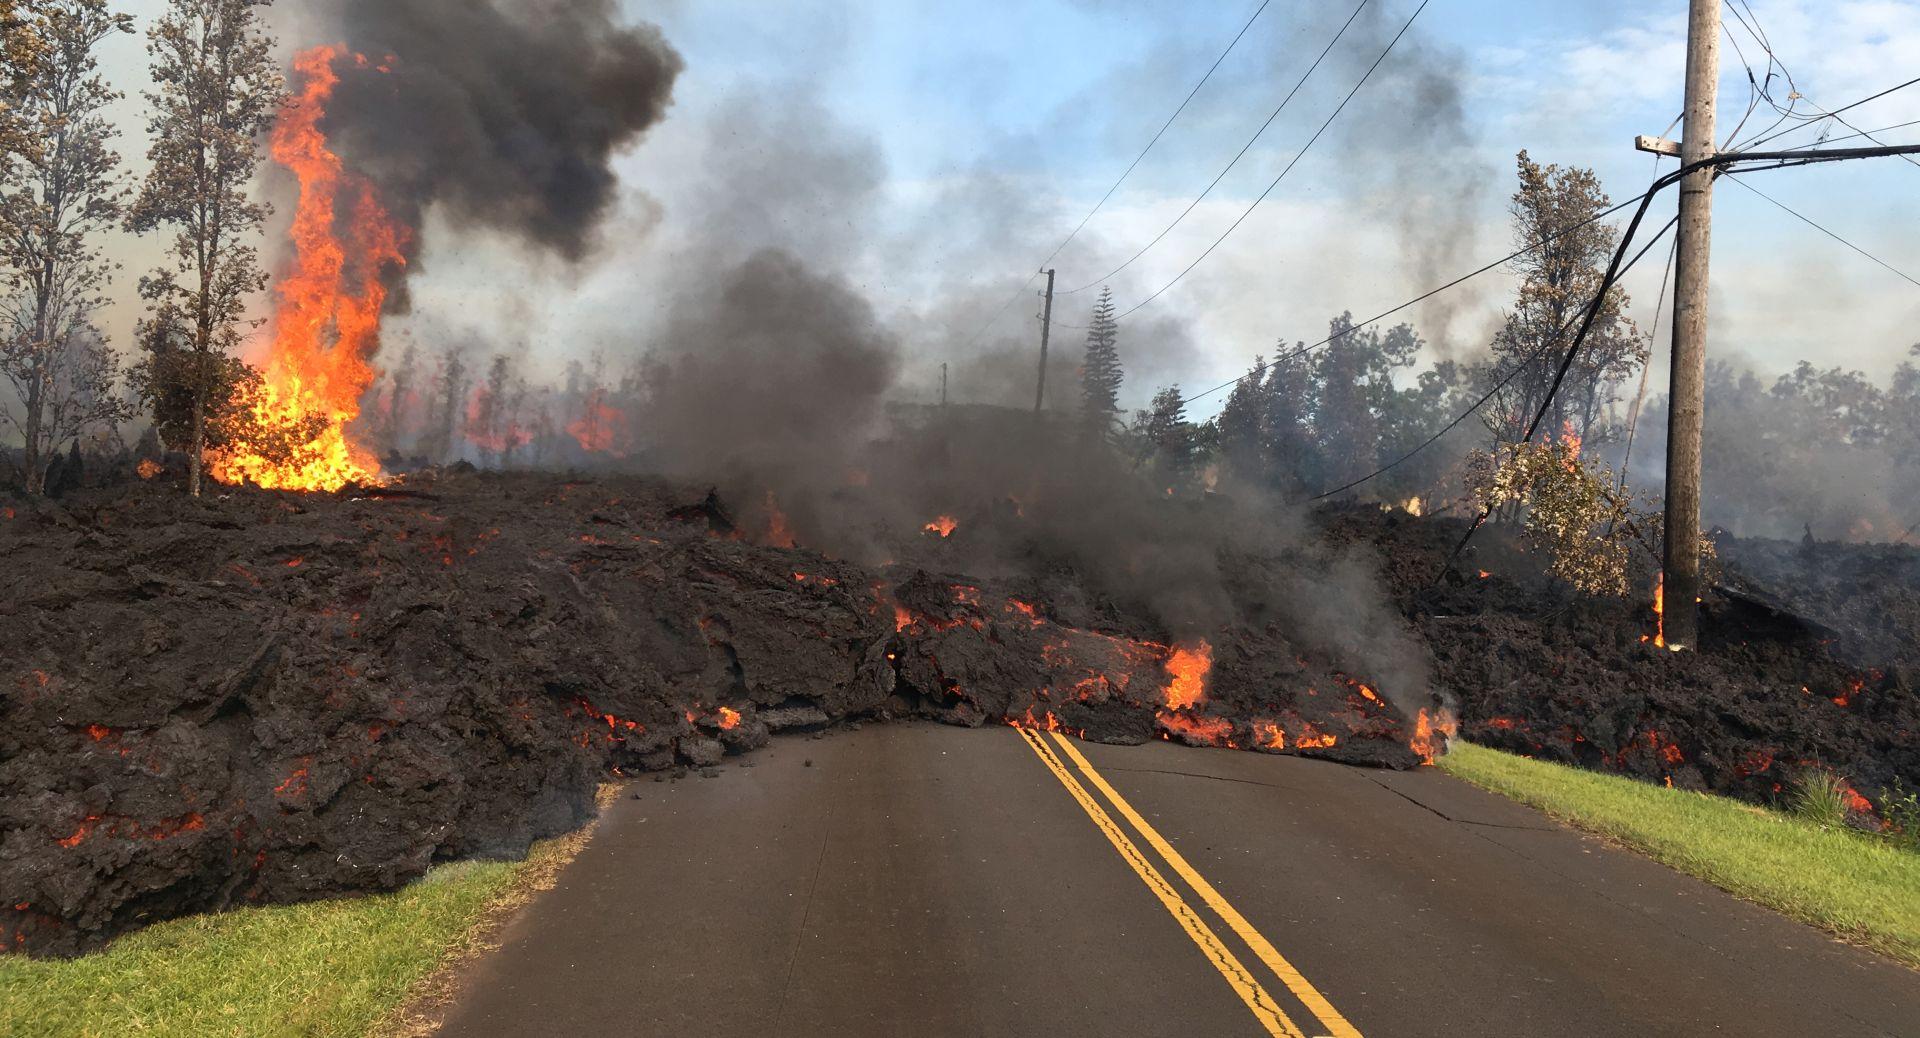 Vulkanska erupcija na Havajima uništila 26 domova